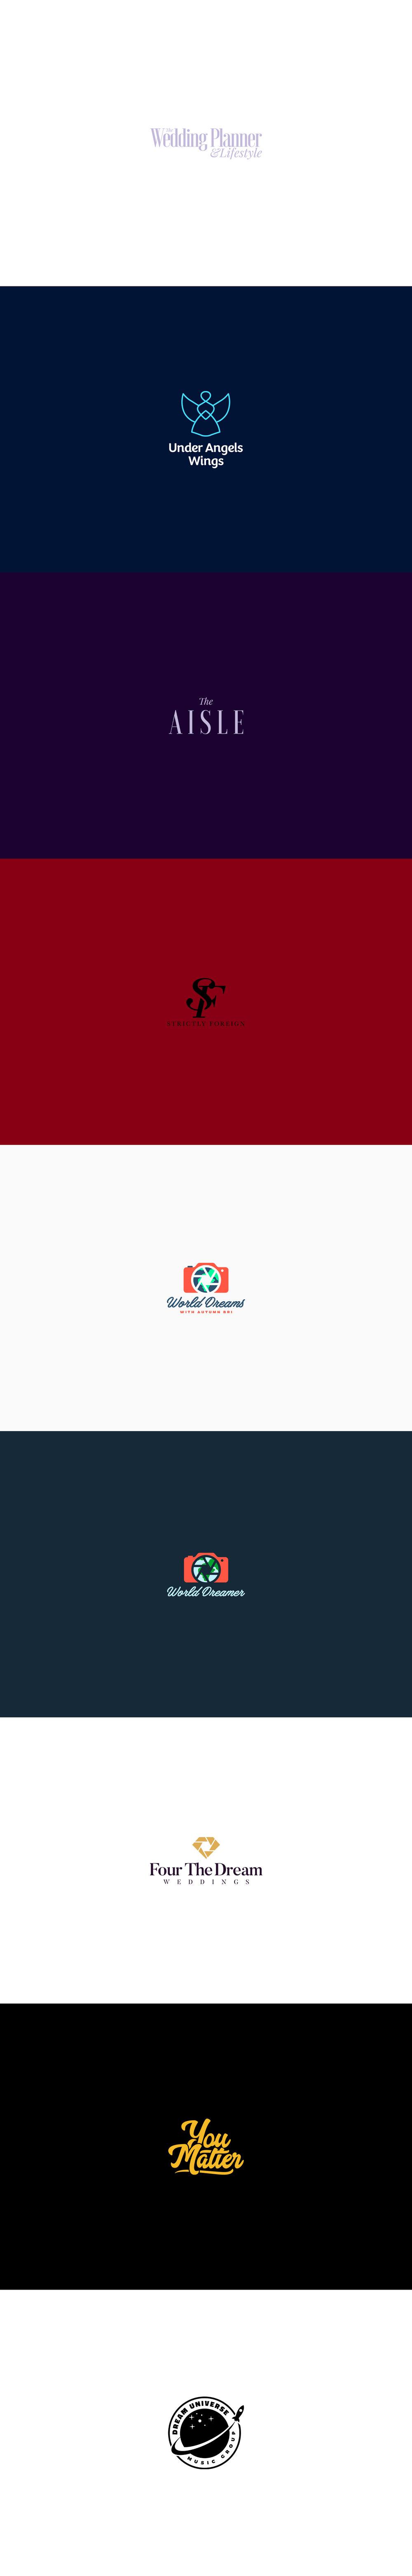 2017-Logofolio.jpg